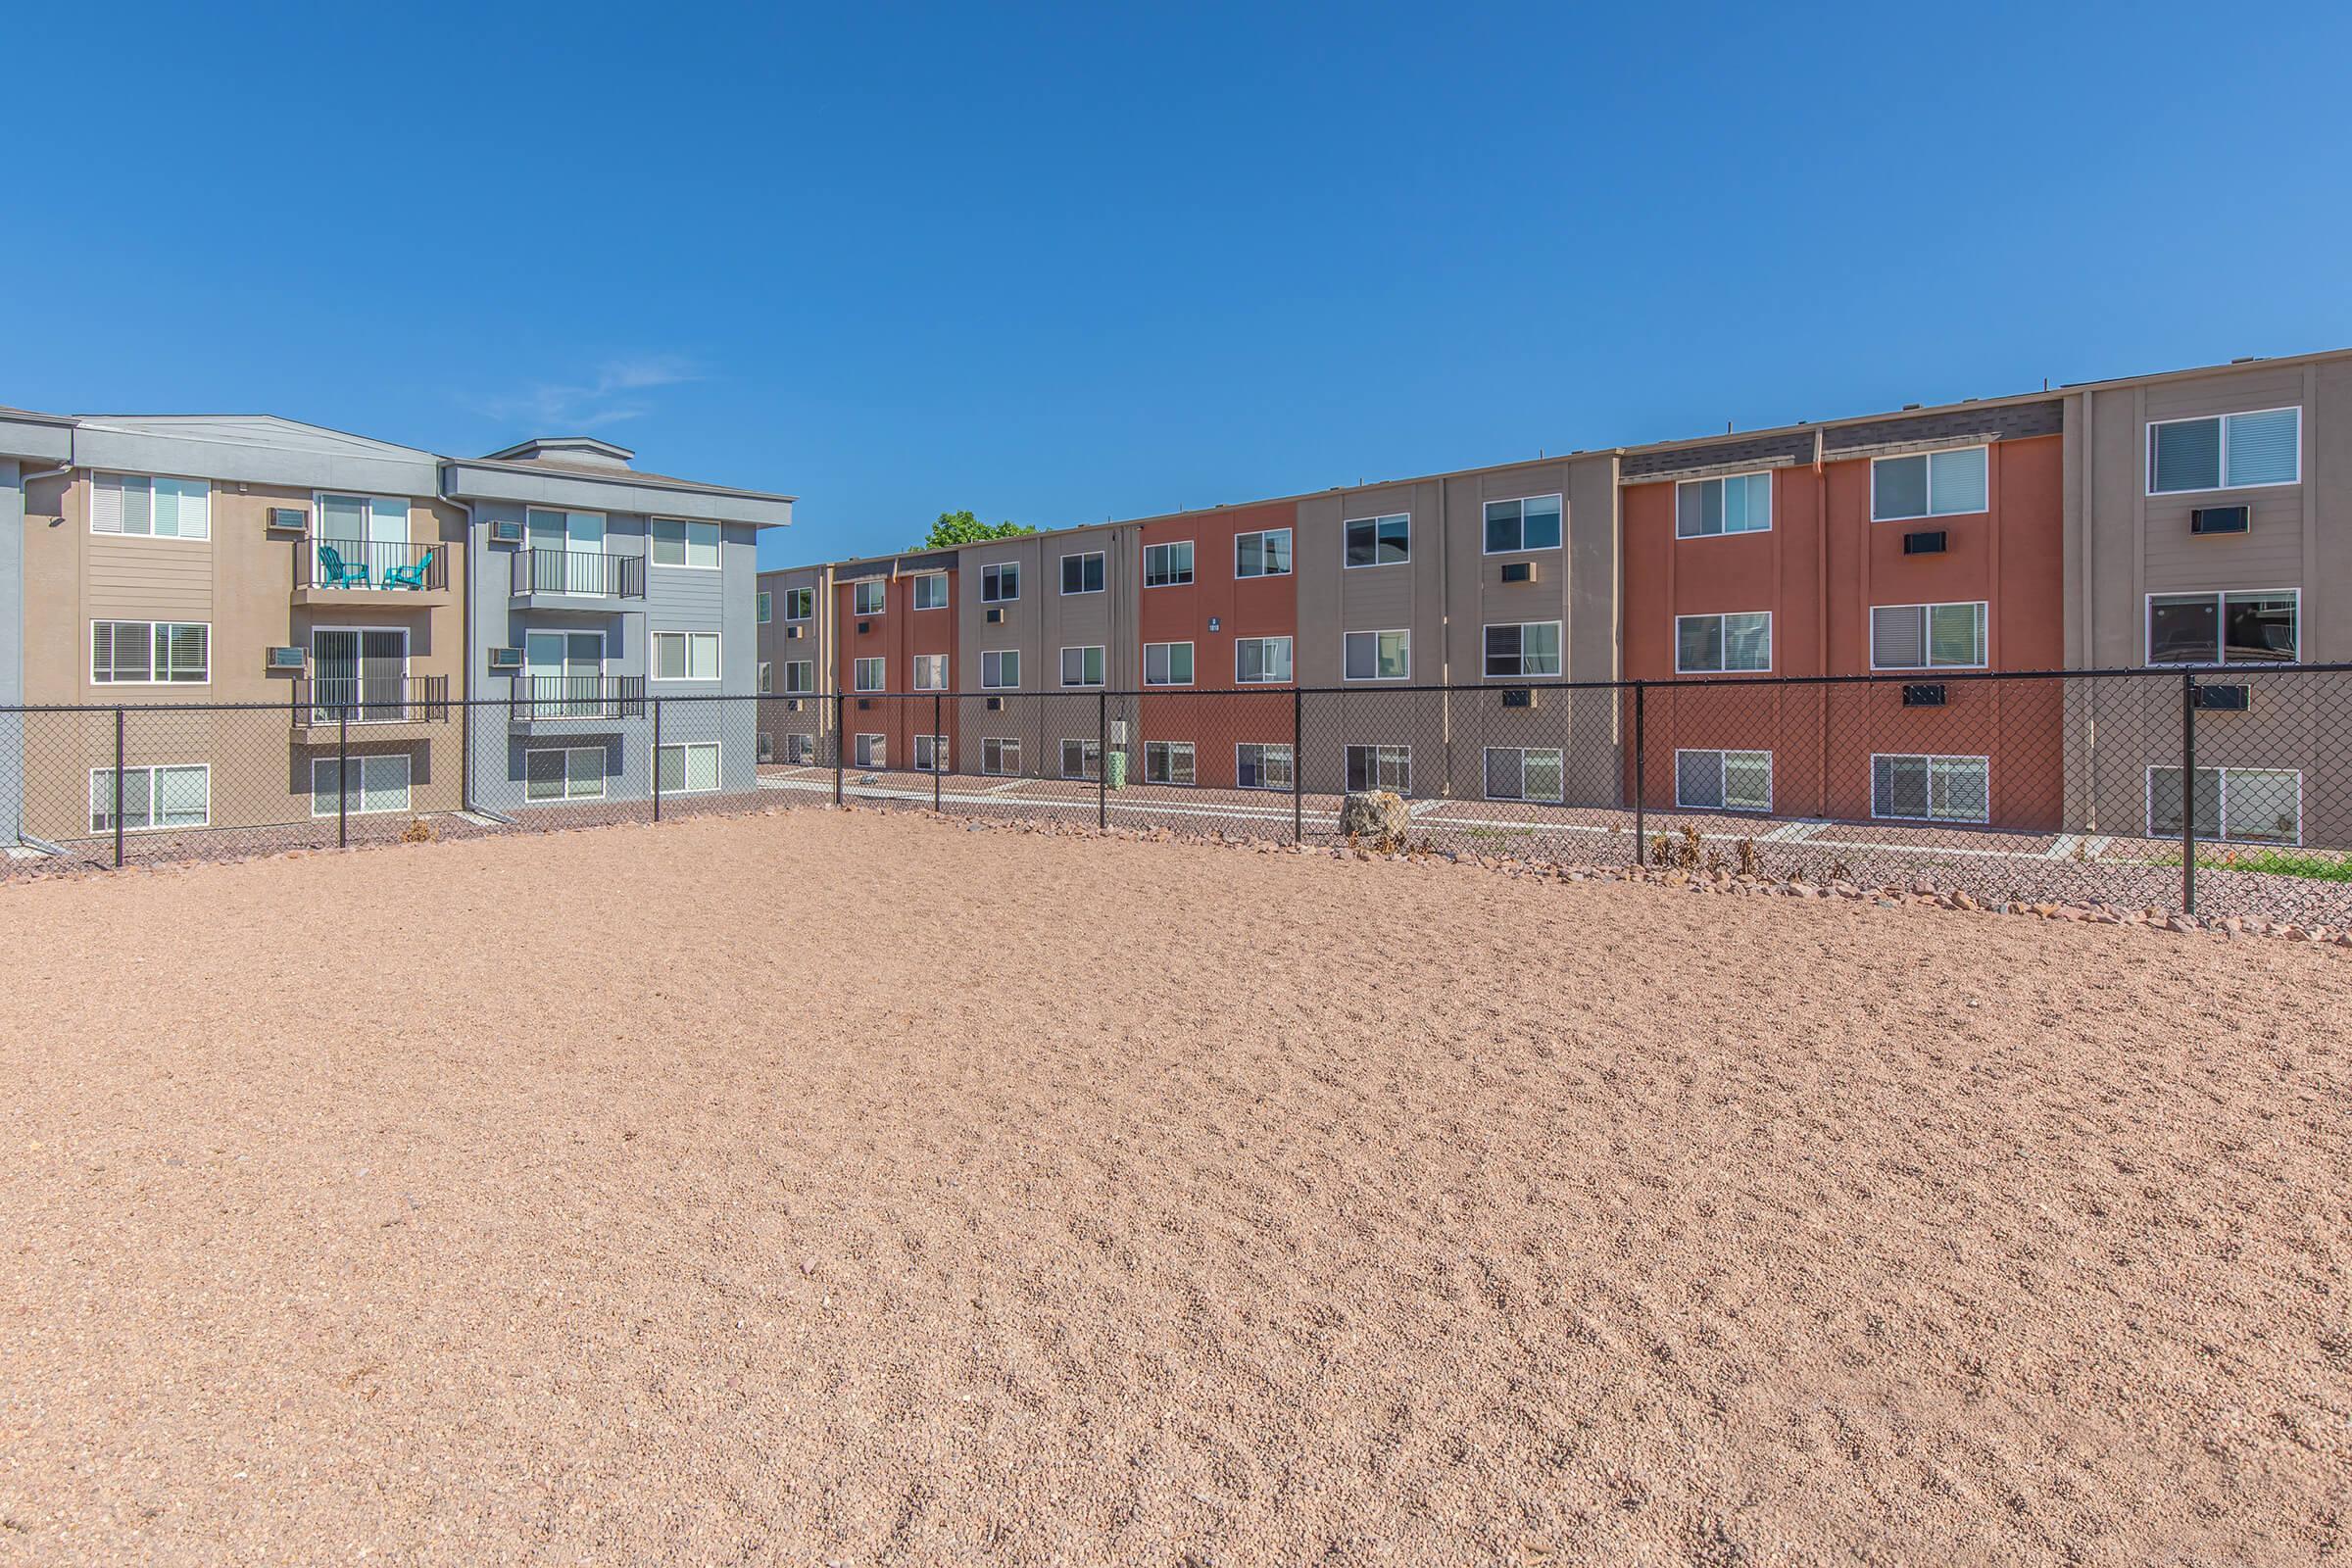 a building on a beach